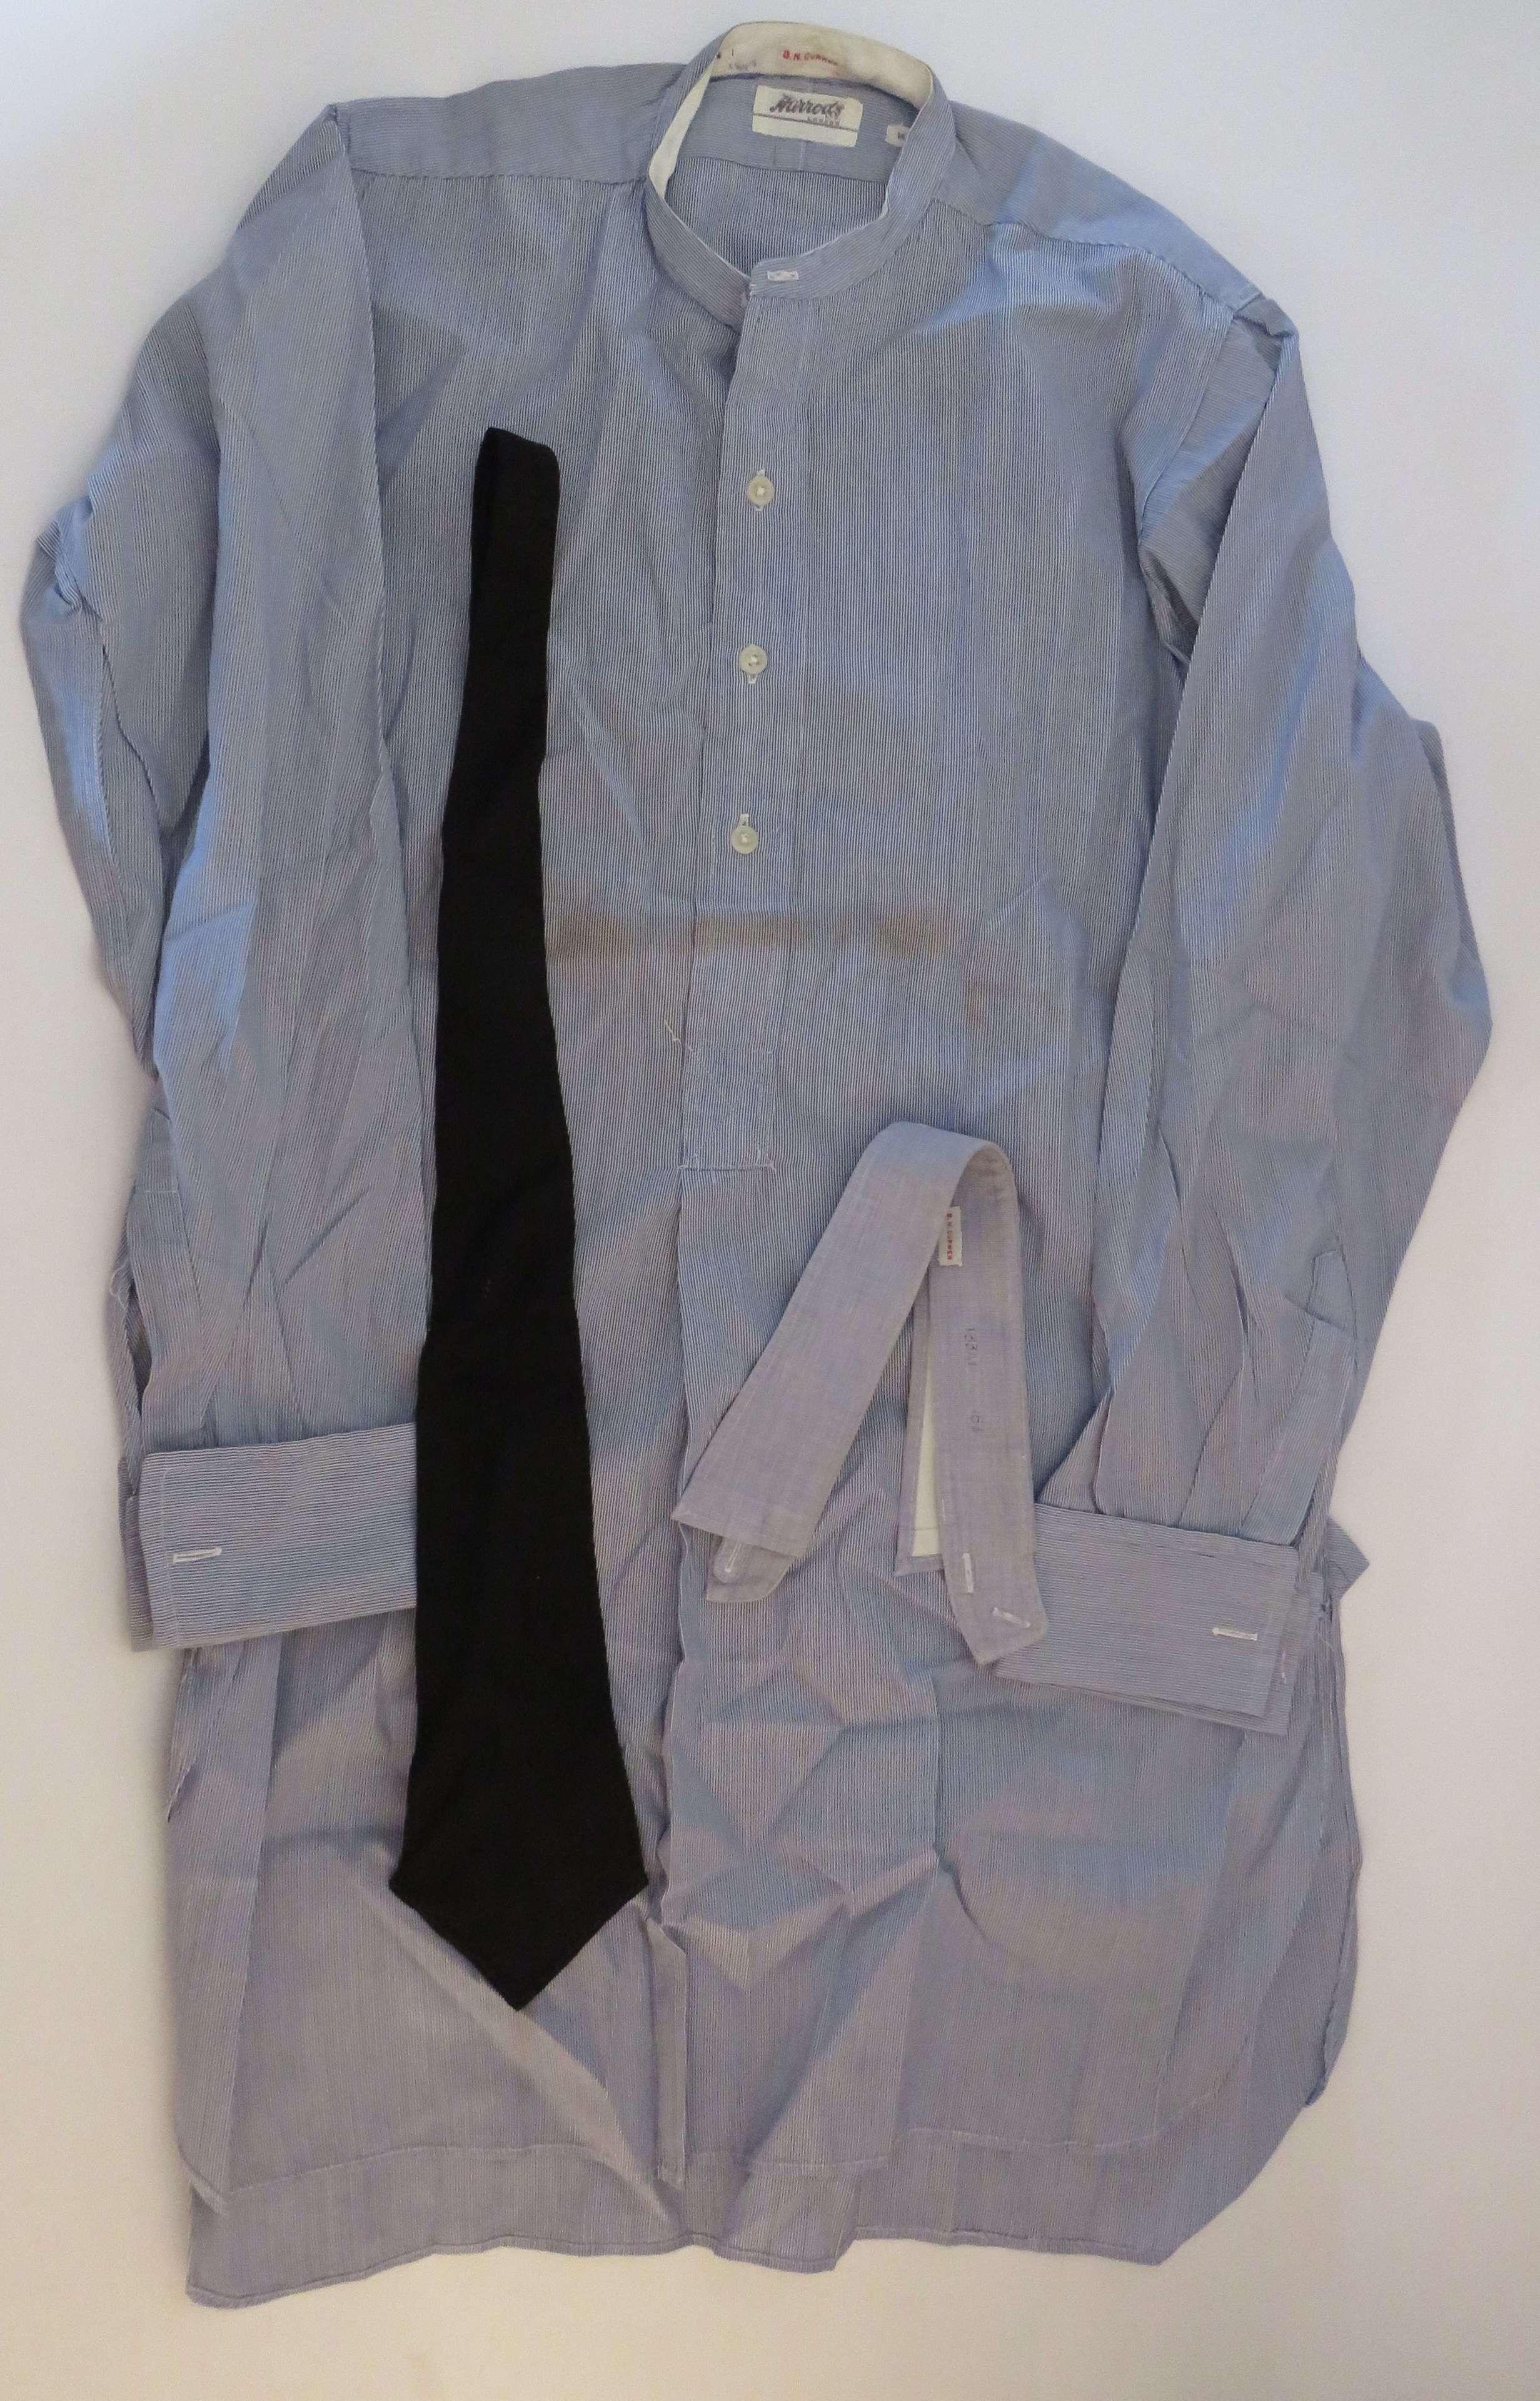 Interwar R.A.F / Civilian Blue Collarless Shirt and Tie